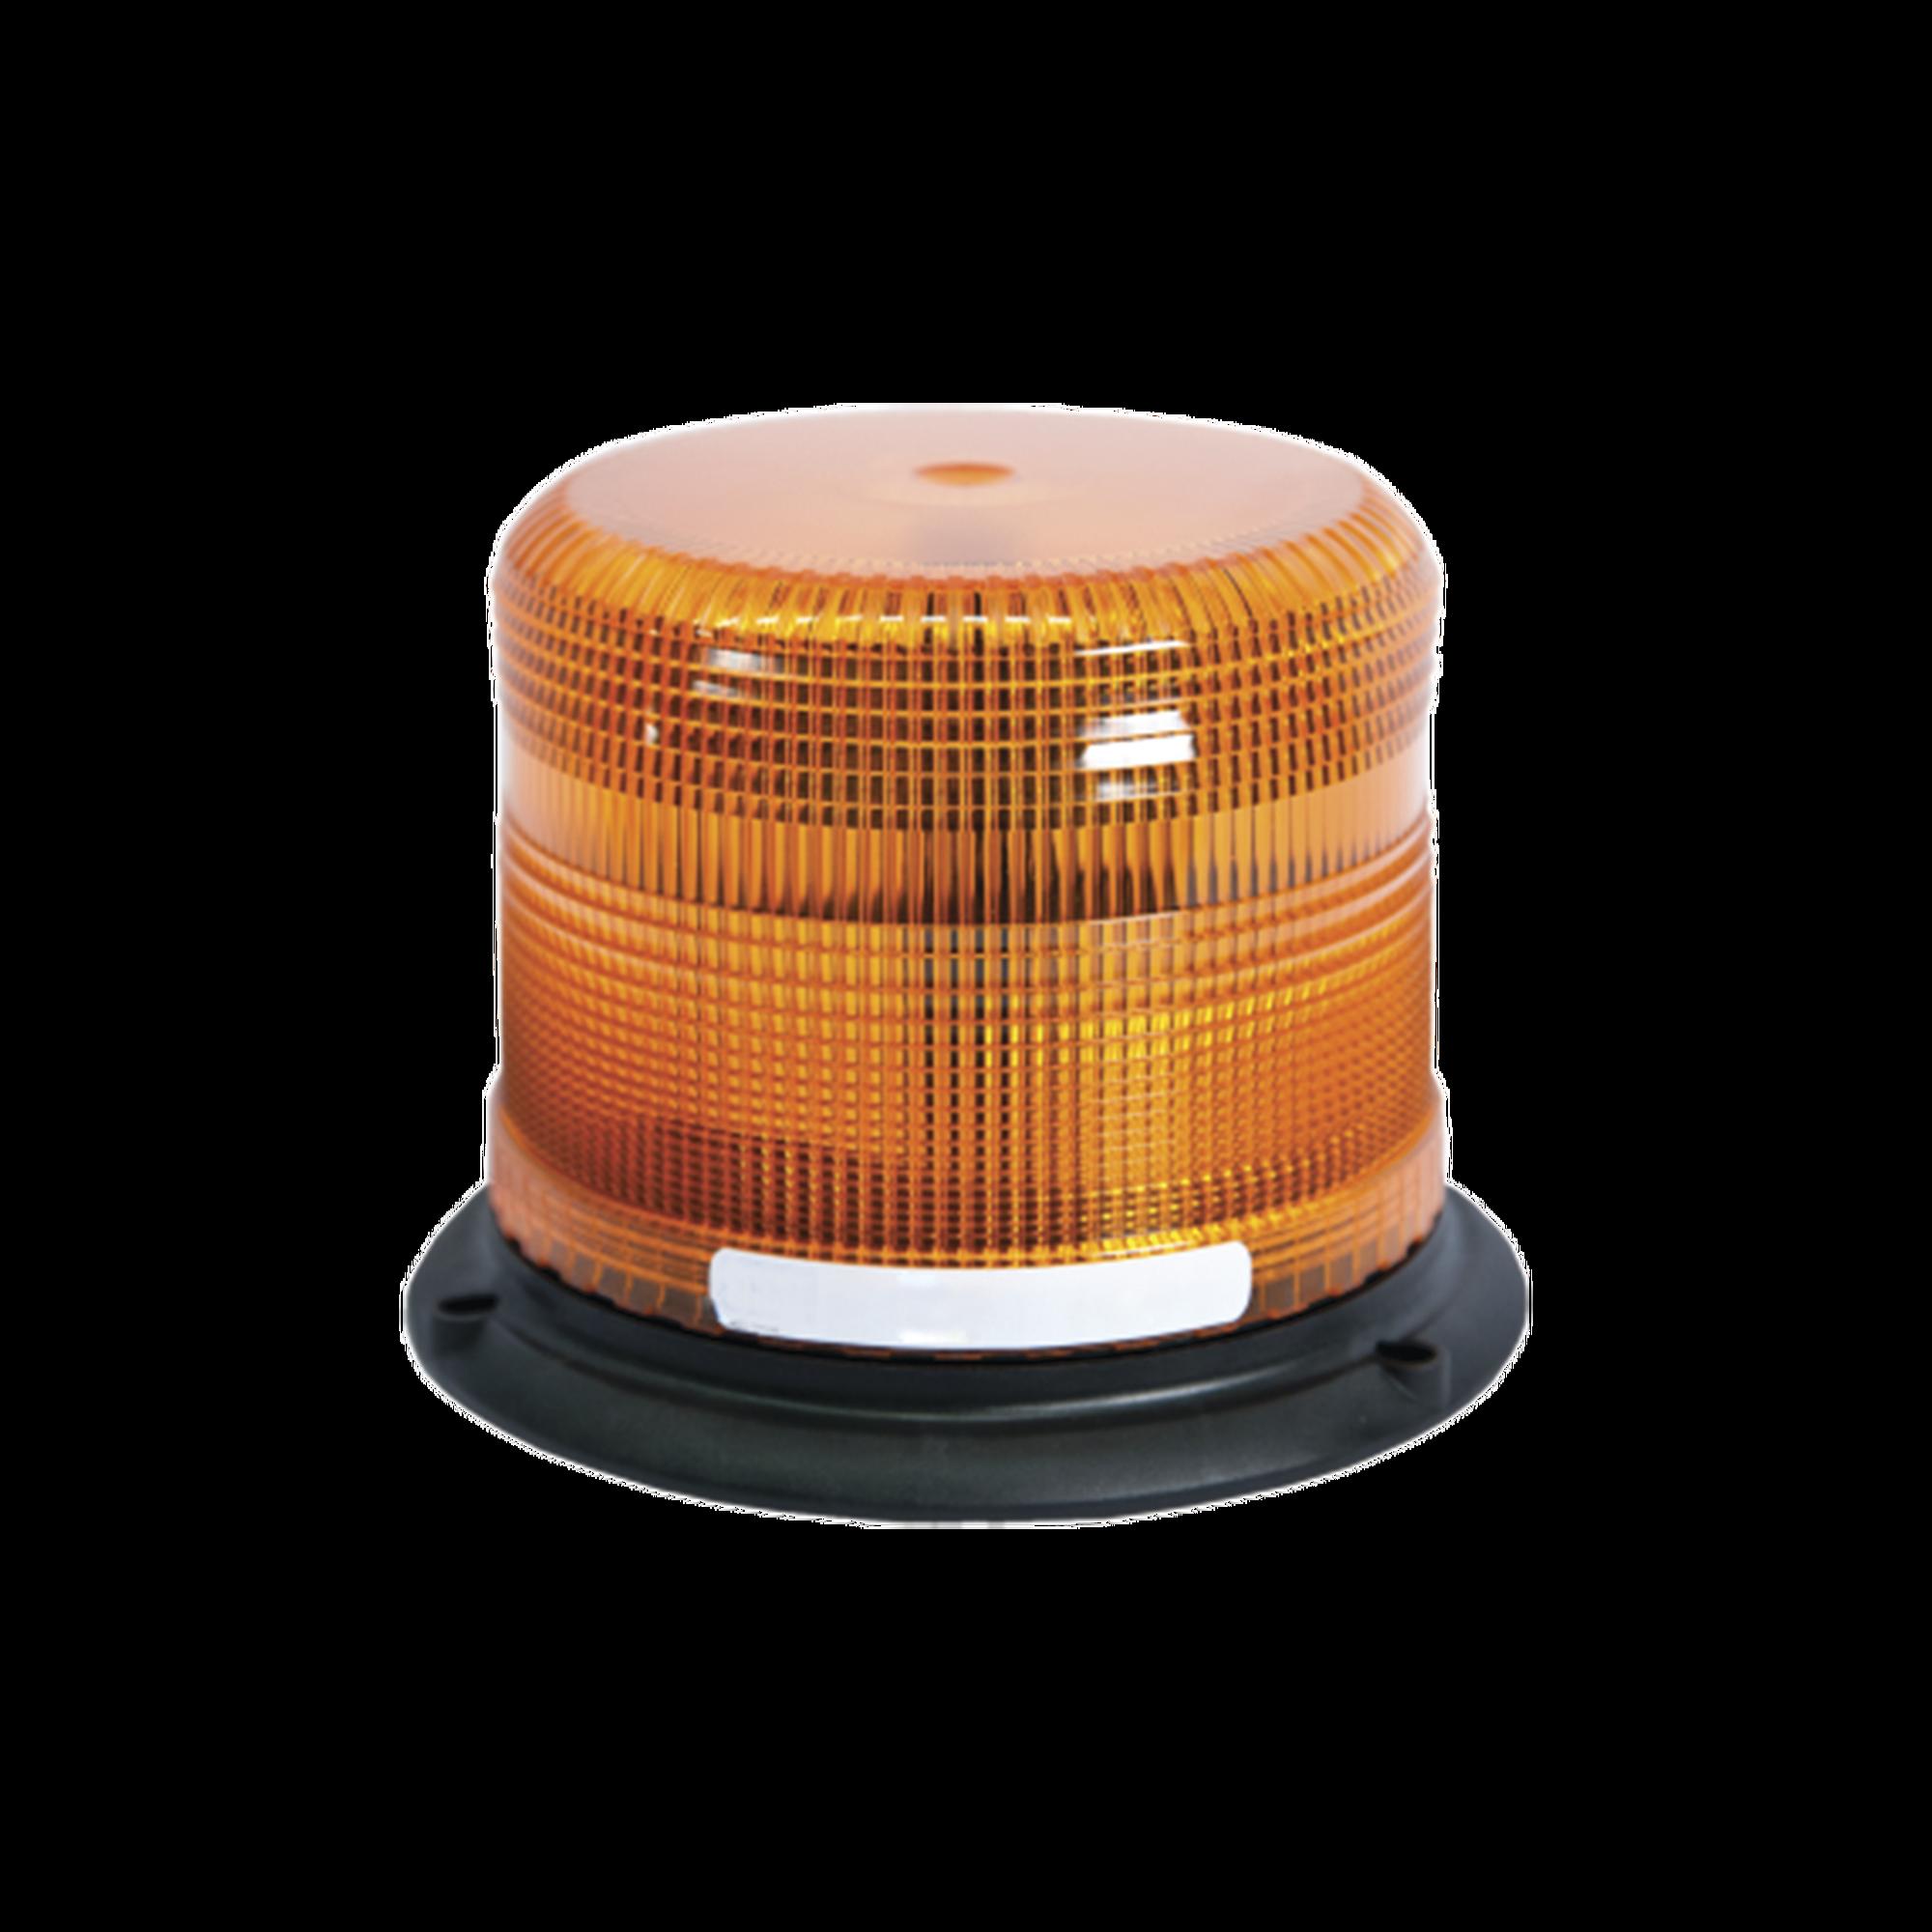 Burbuja Clase II Brillante Serie X79 color ambar, con montaje permanente